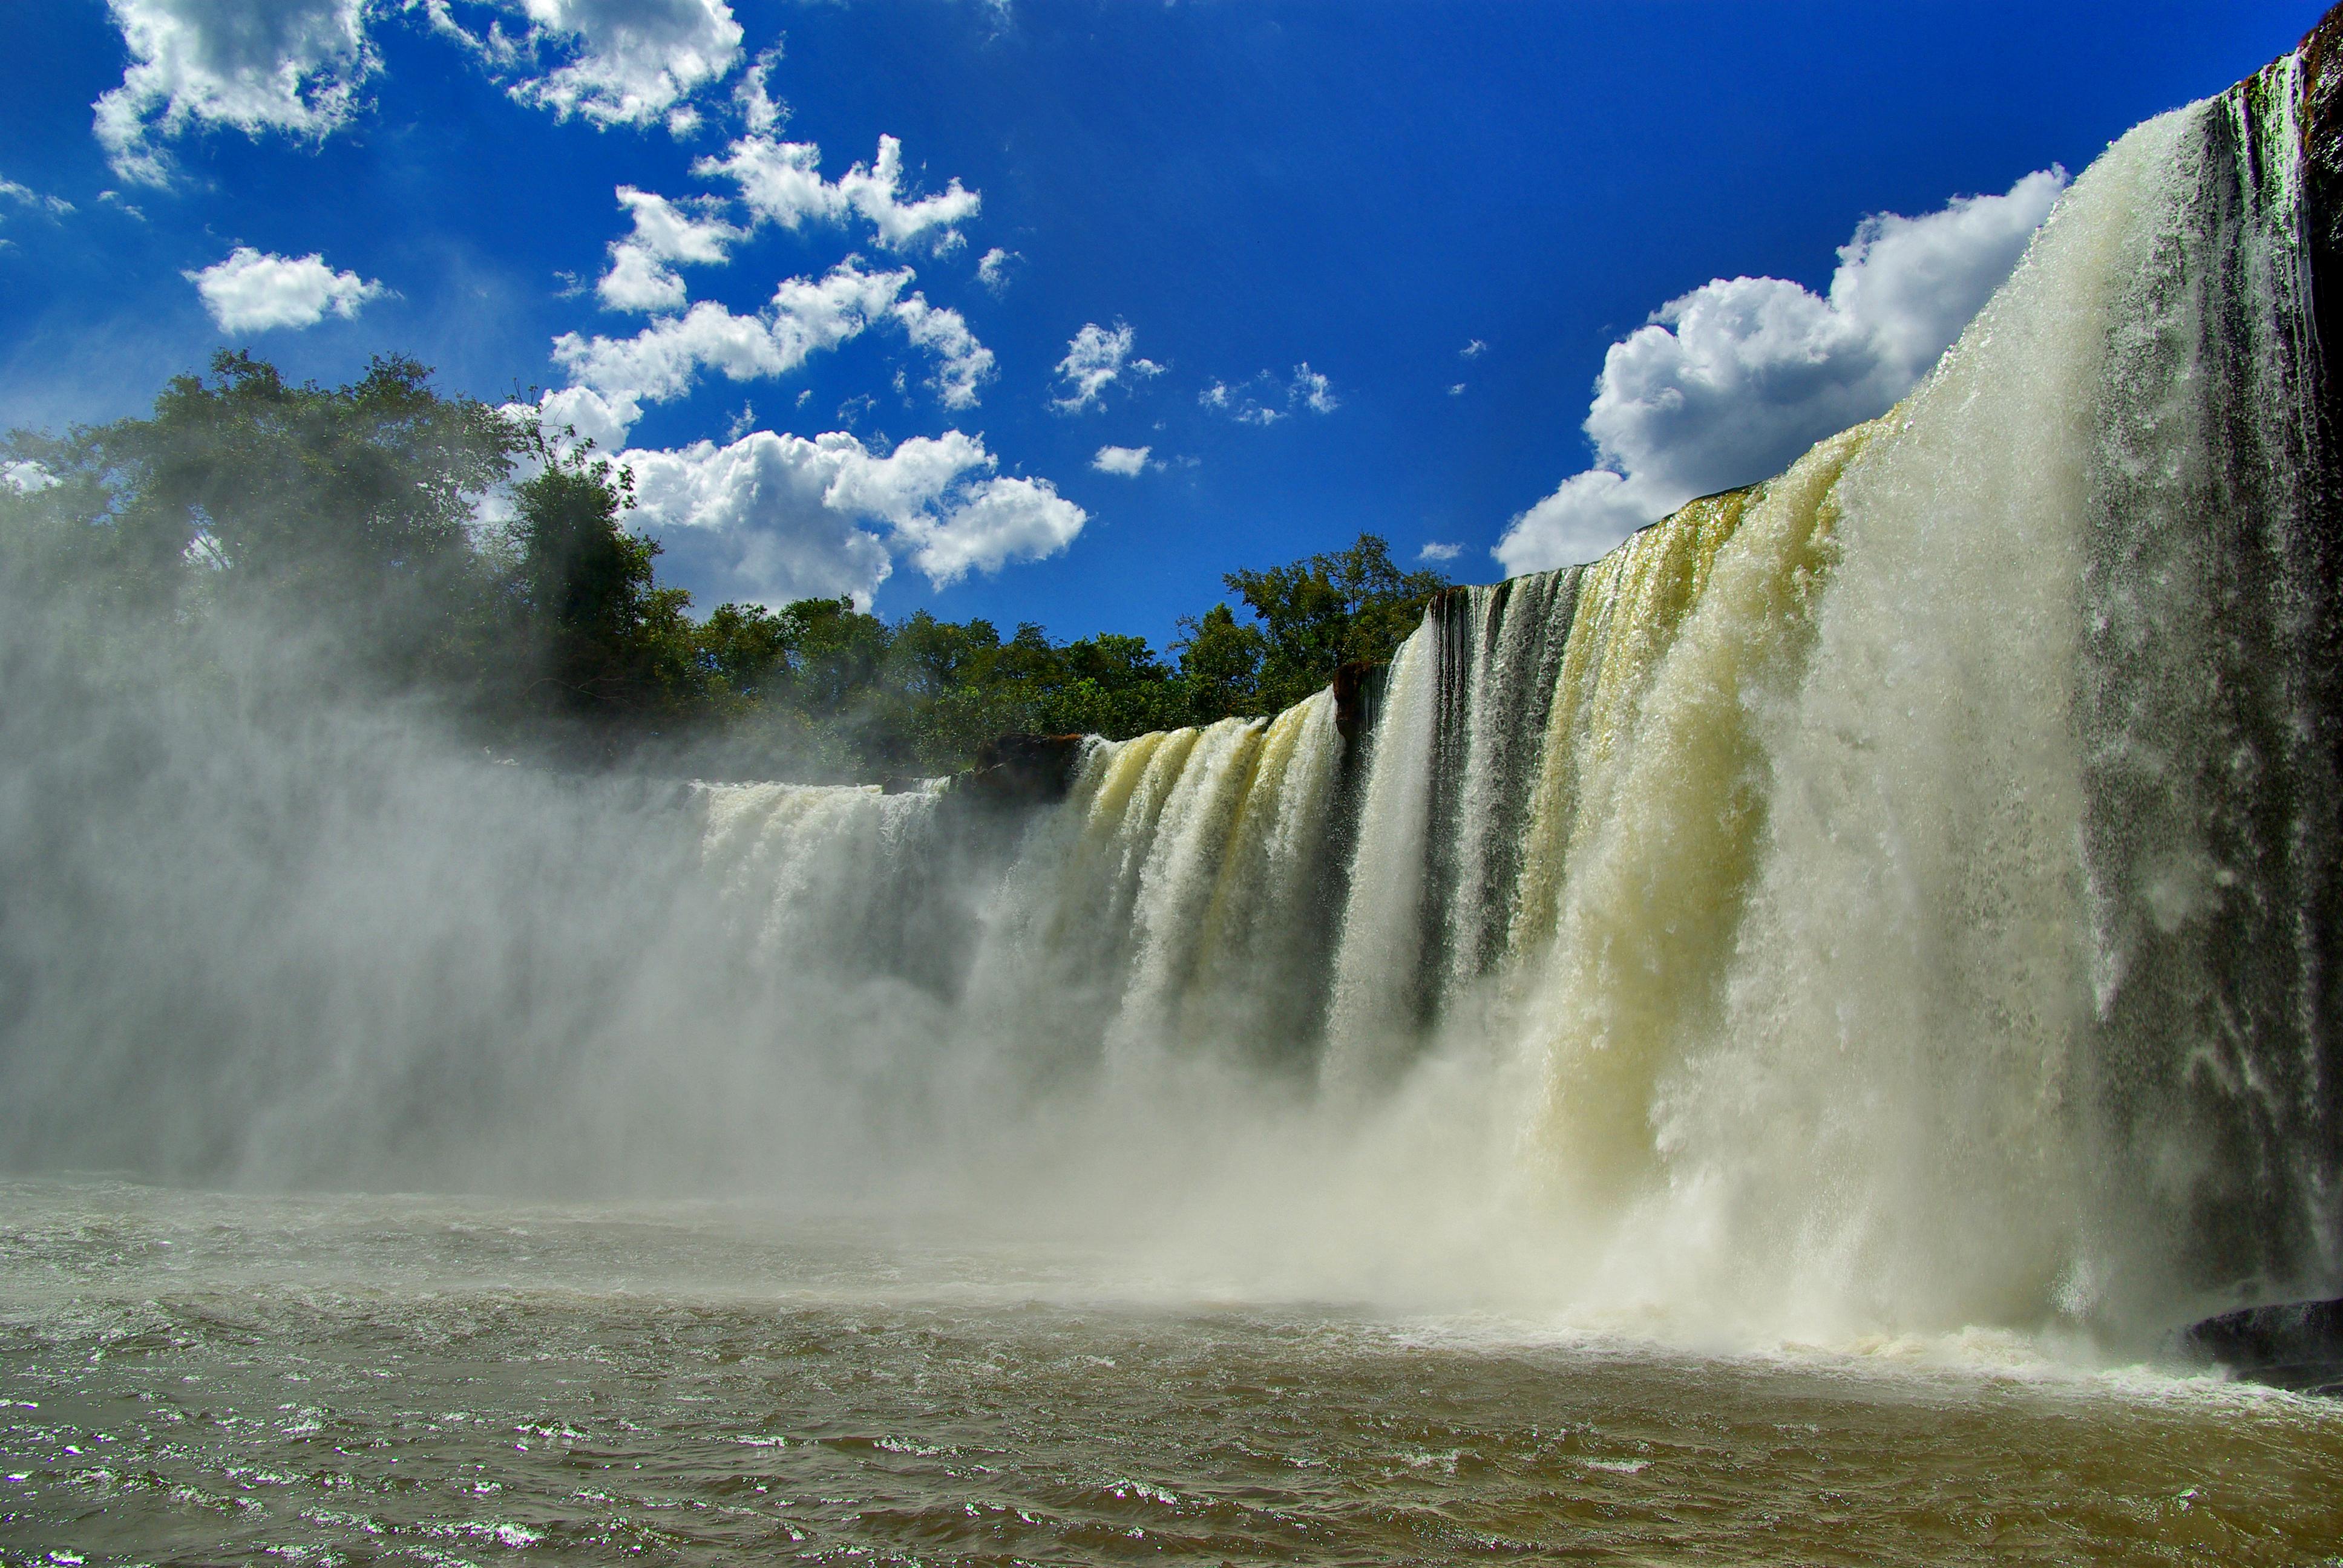 Fotos da esposa do carlinhos cachoeira 67